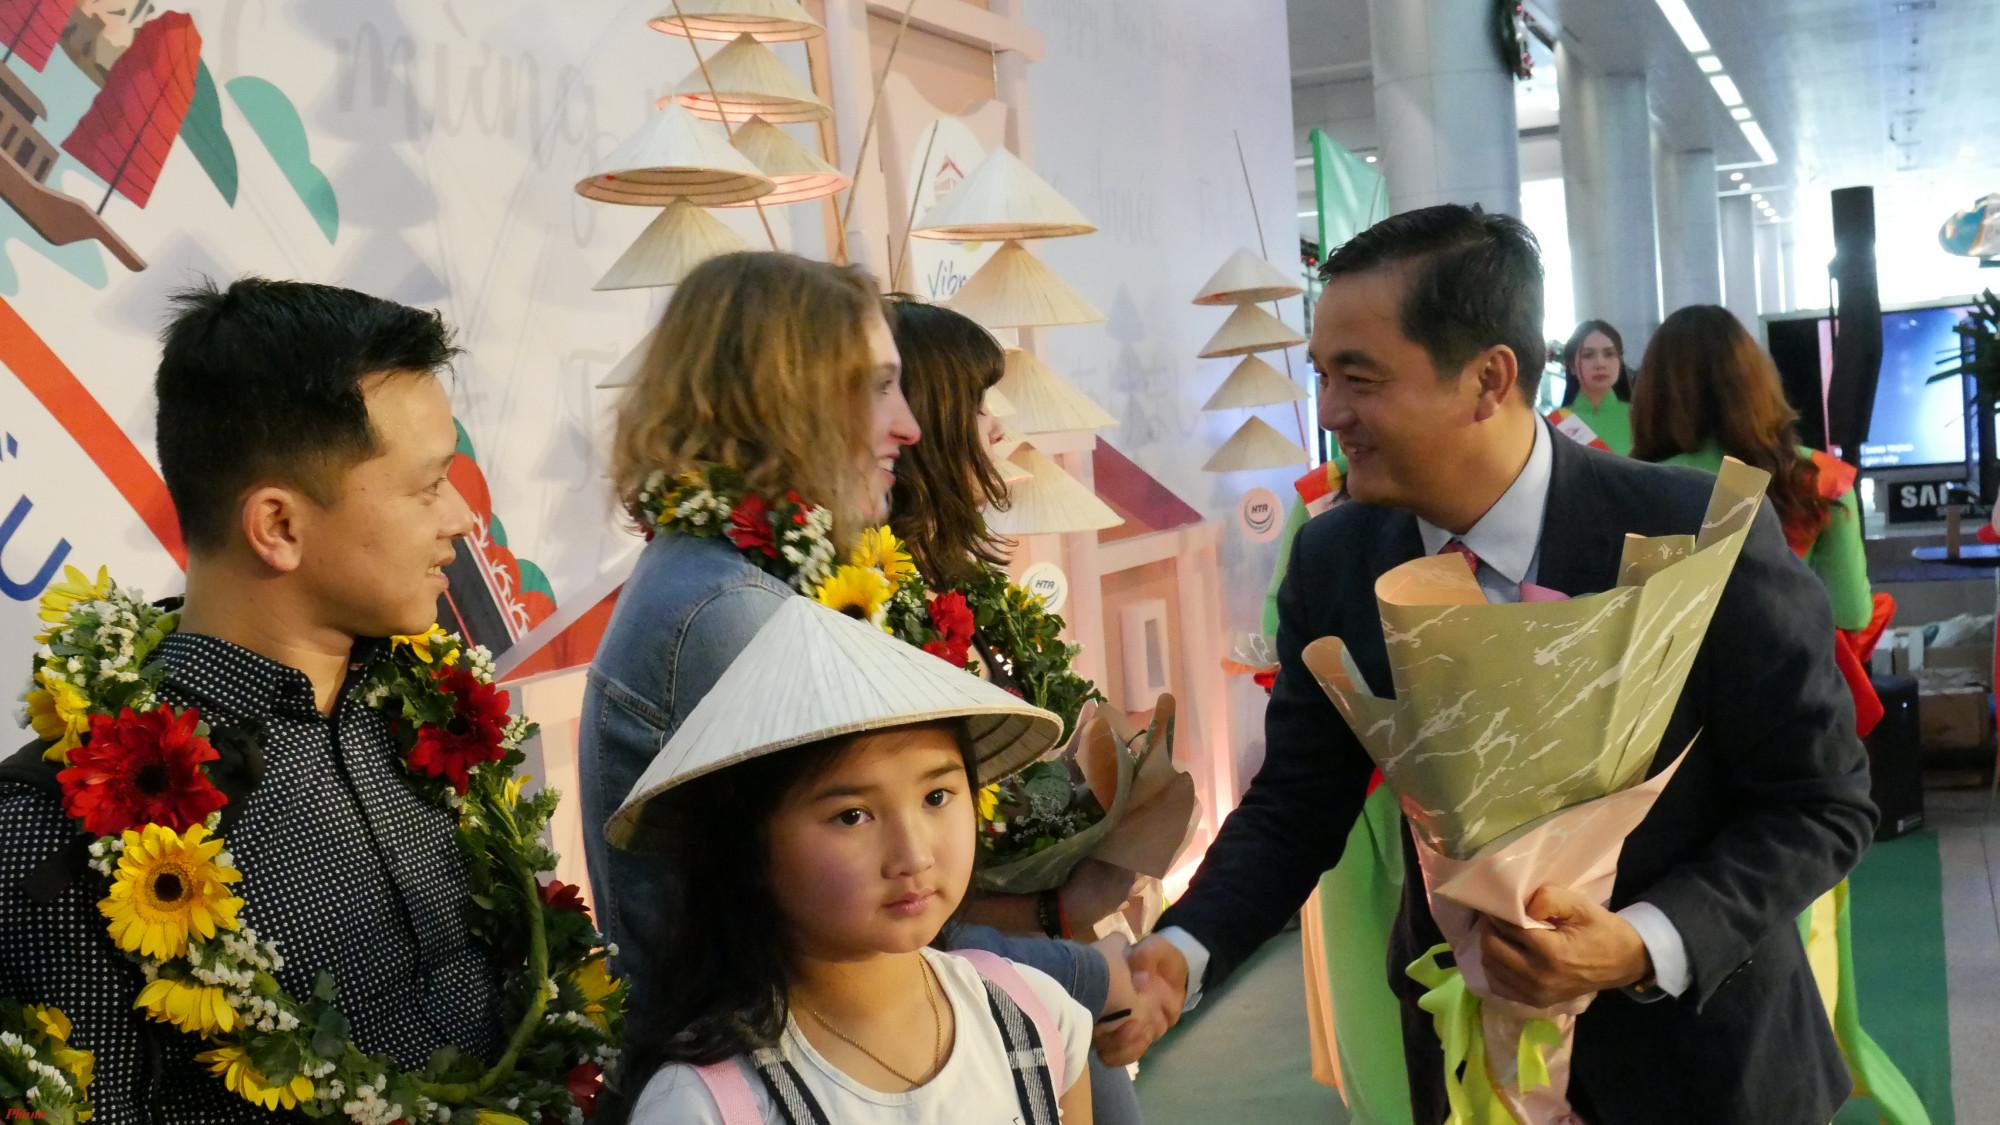 TP.HCM đón đoàn khách quốc tế đầu tiên trong ngày đầu năm mới 2020.